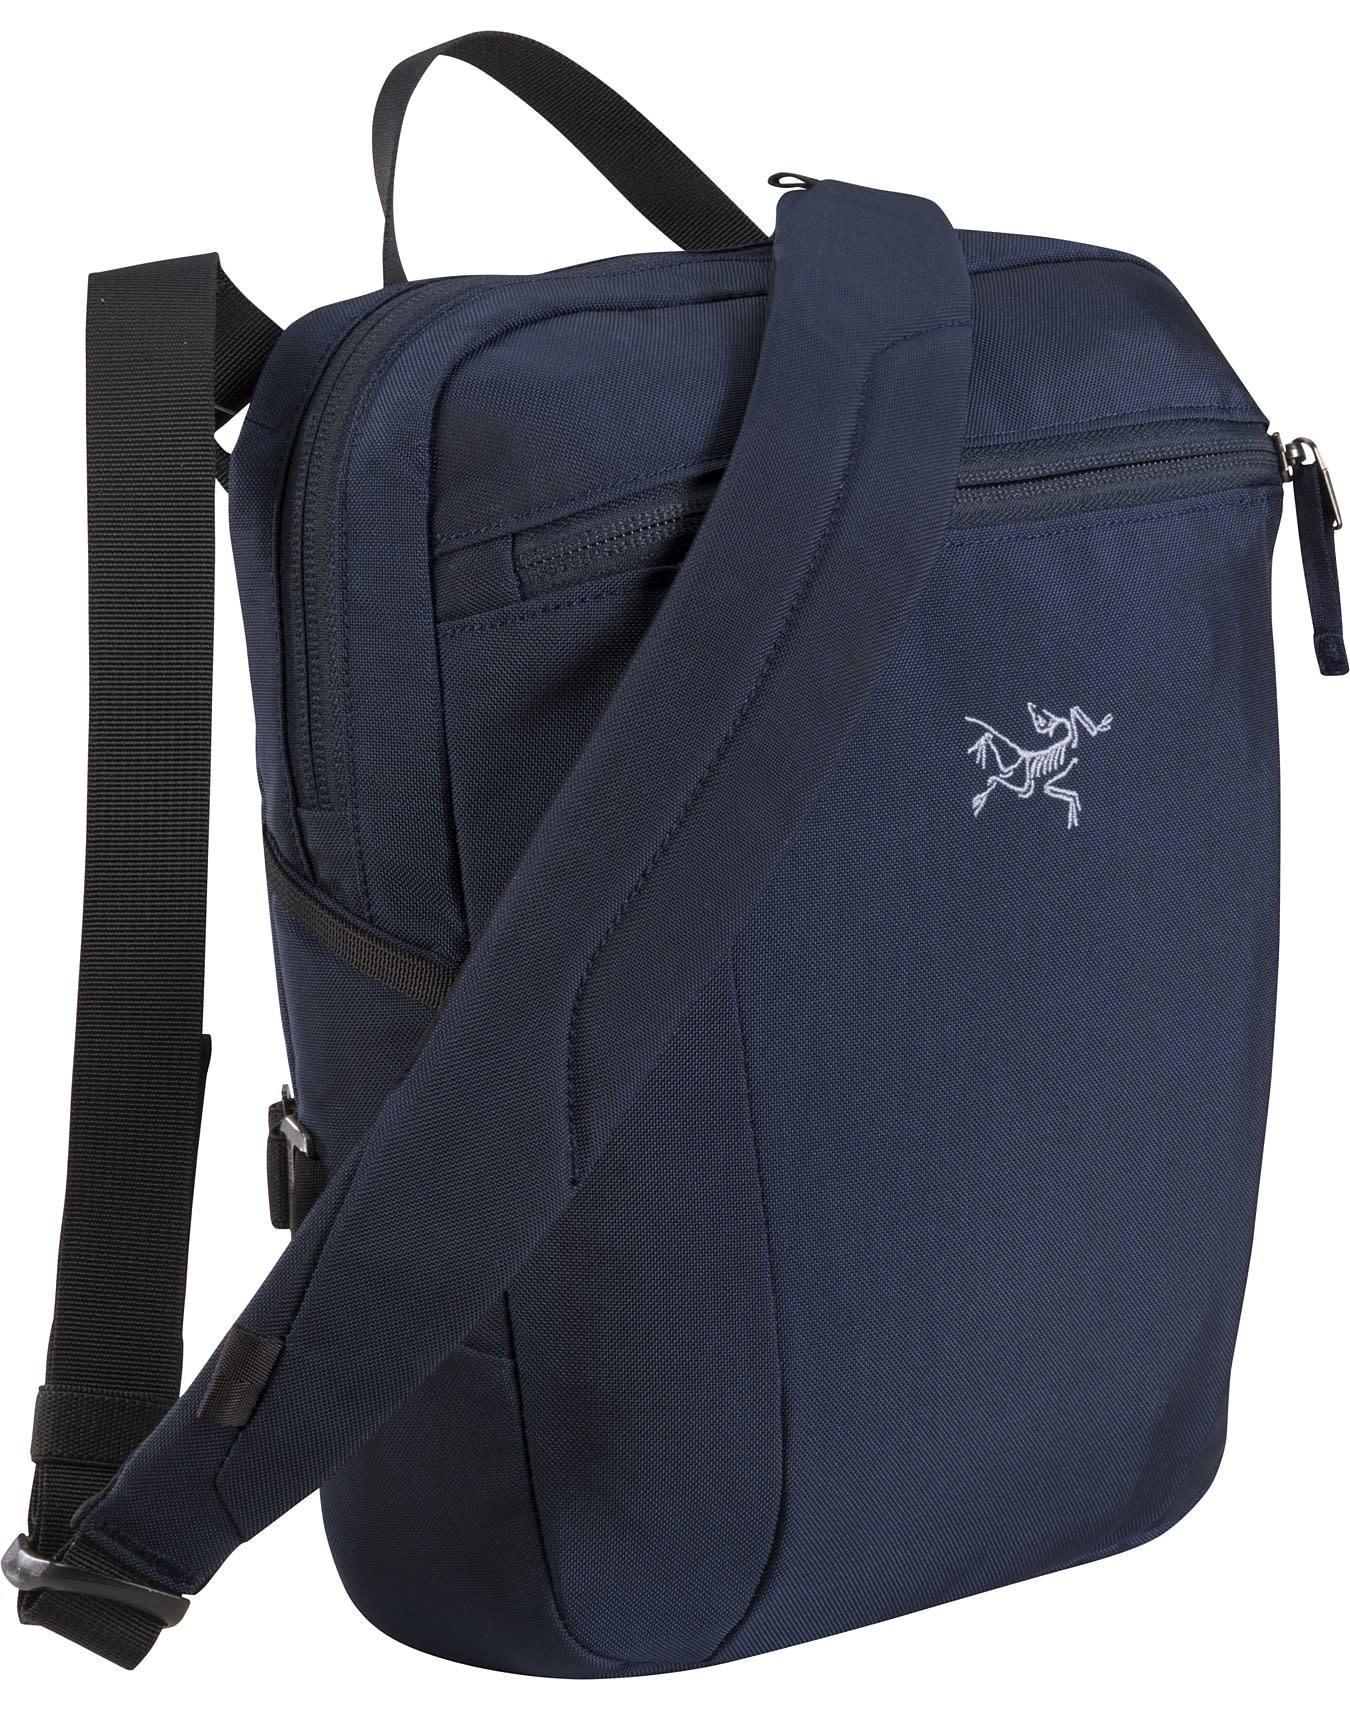 Slingblade 4 Shoulder Bag-3